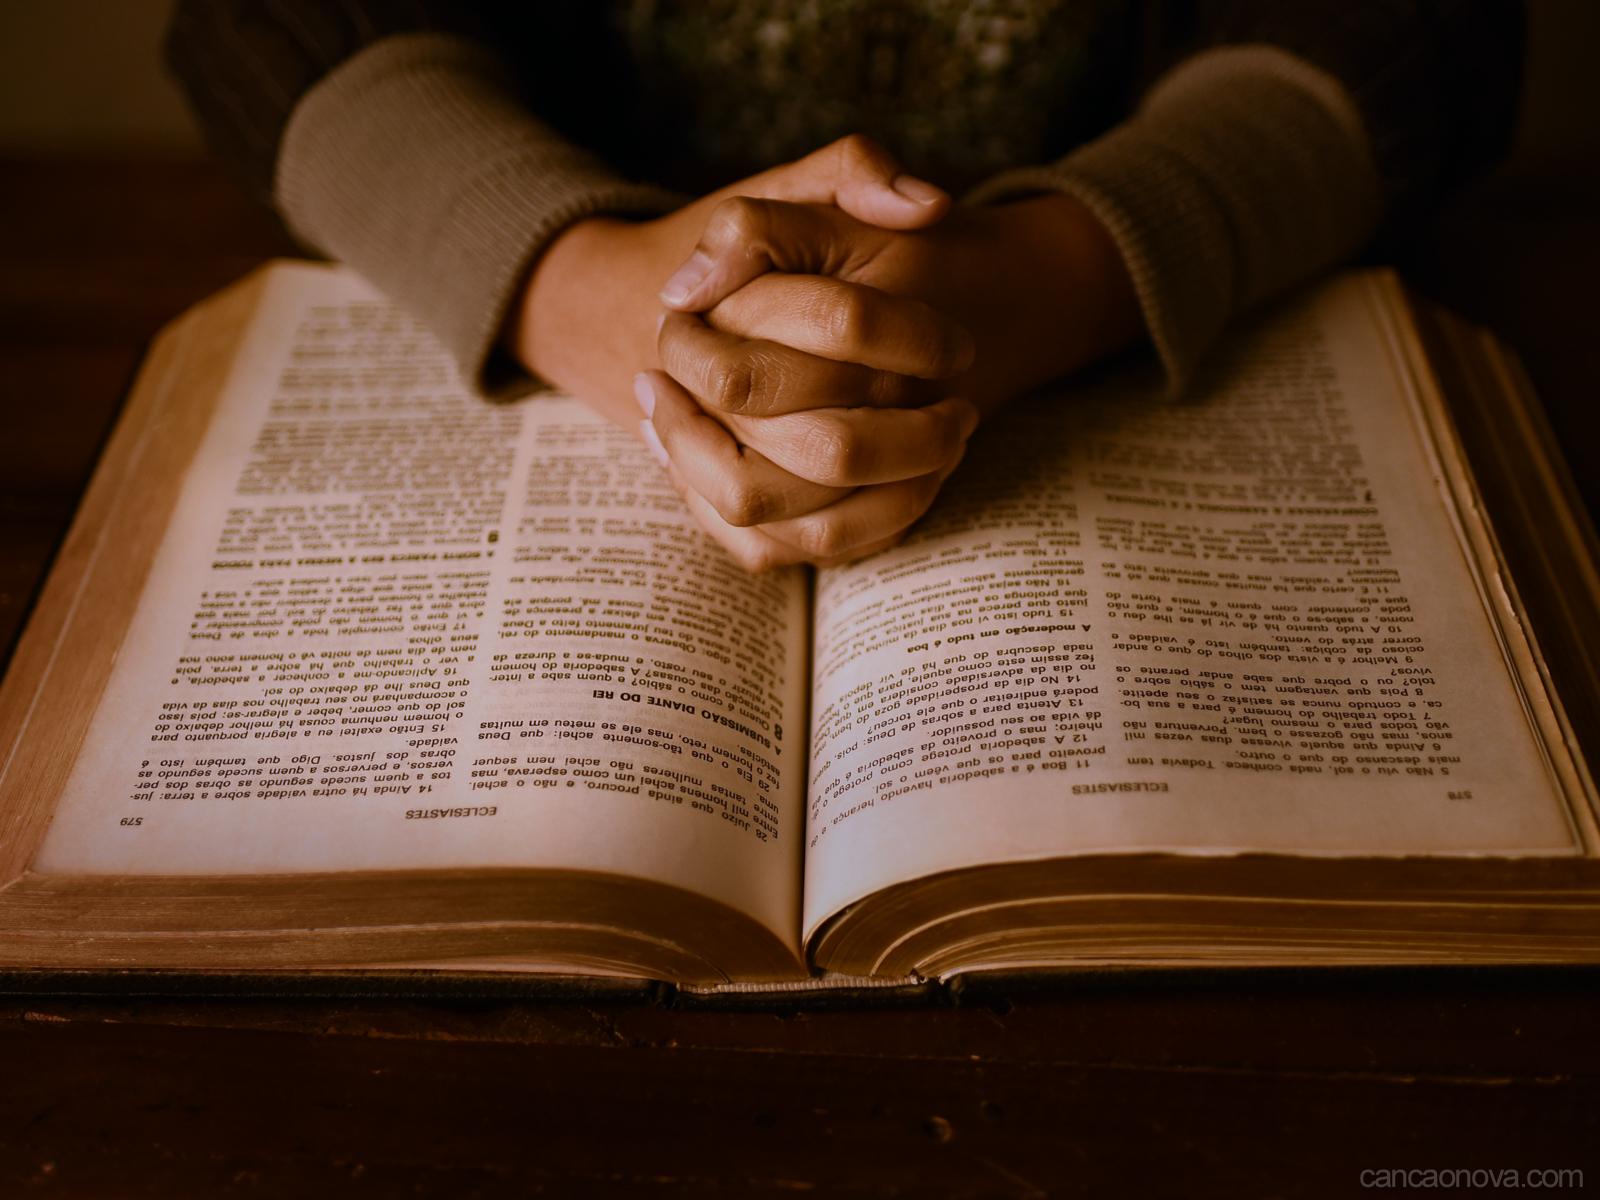 Reze a Oração de Perdão